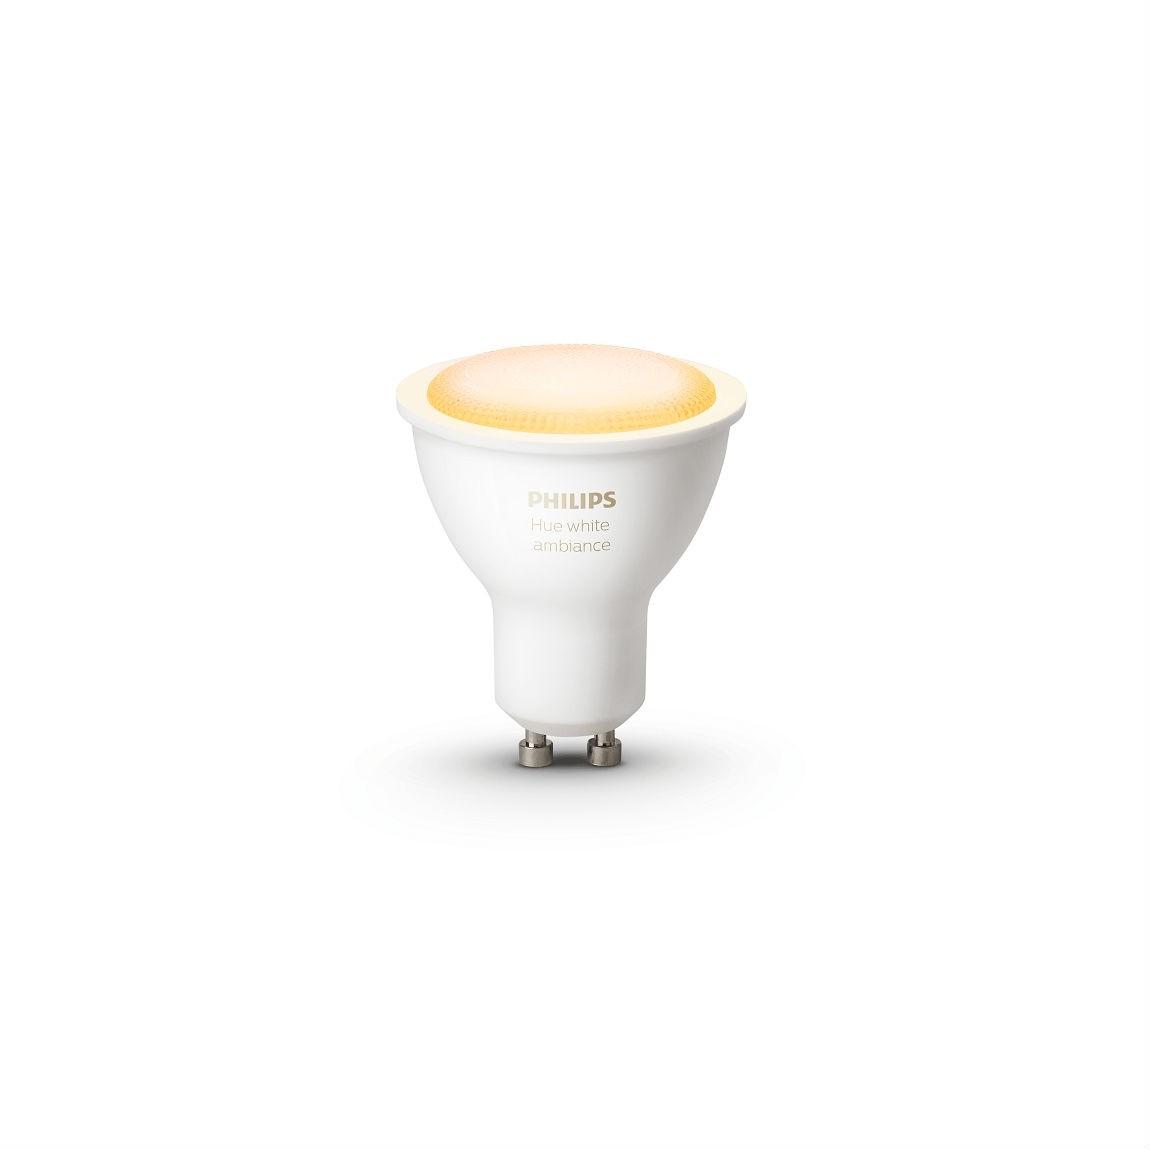 Philips Hue White Ambiance GU10 - LED-Lampe